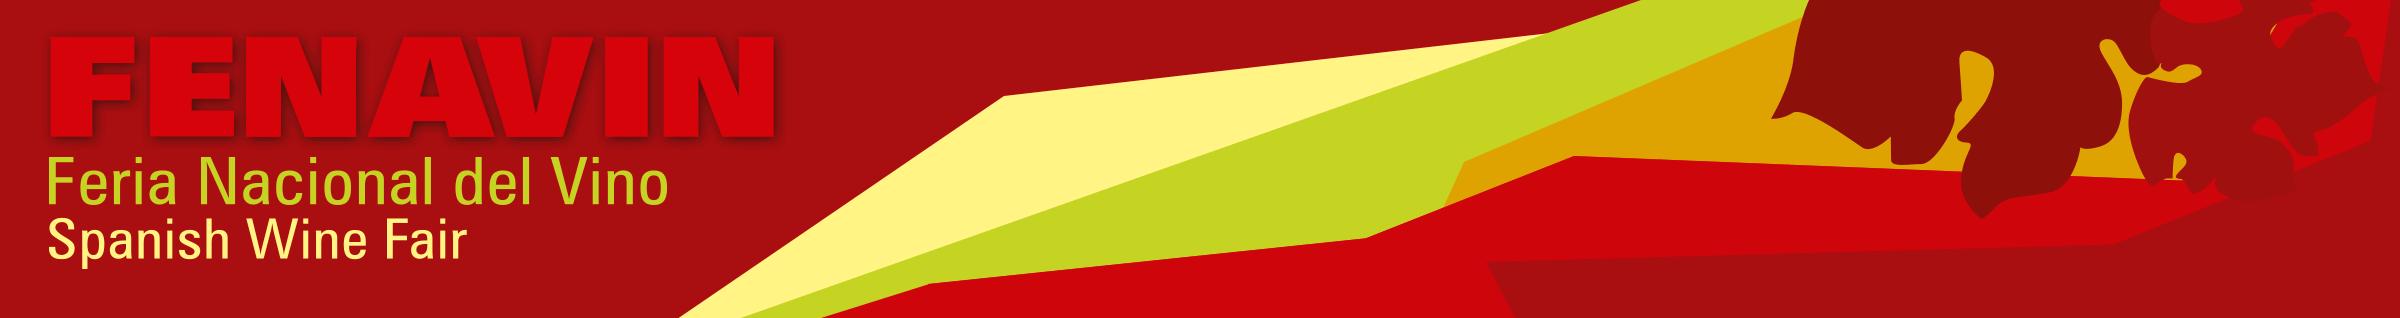 fenavin-camino-de-vinos-santiago